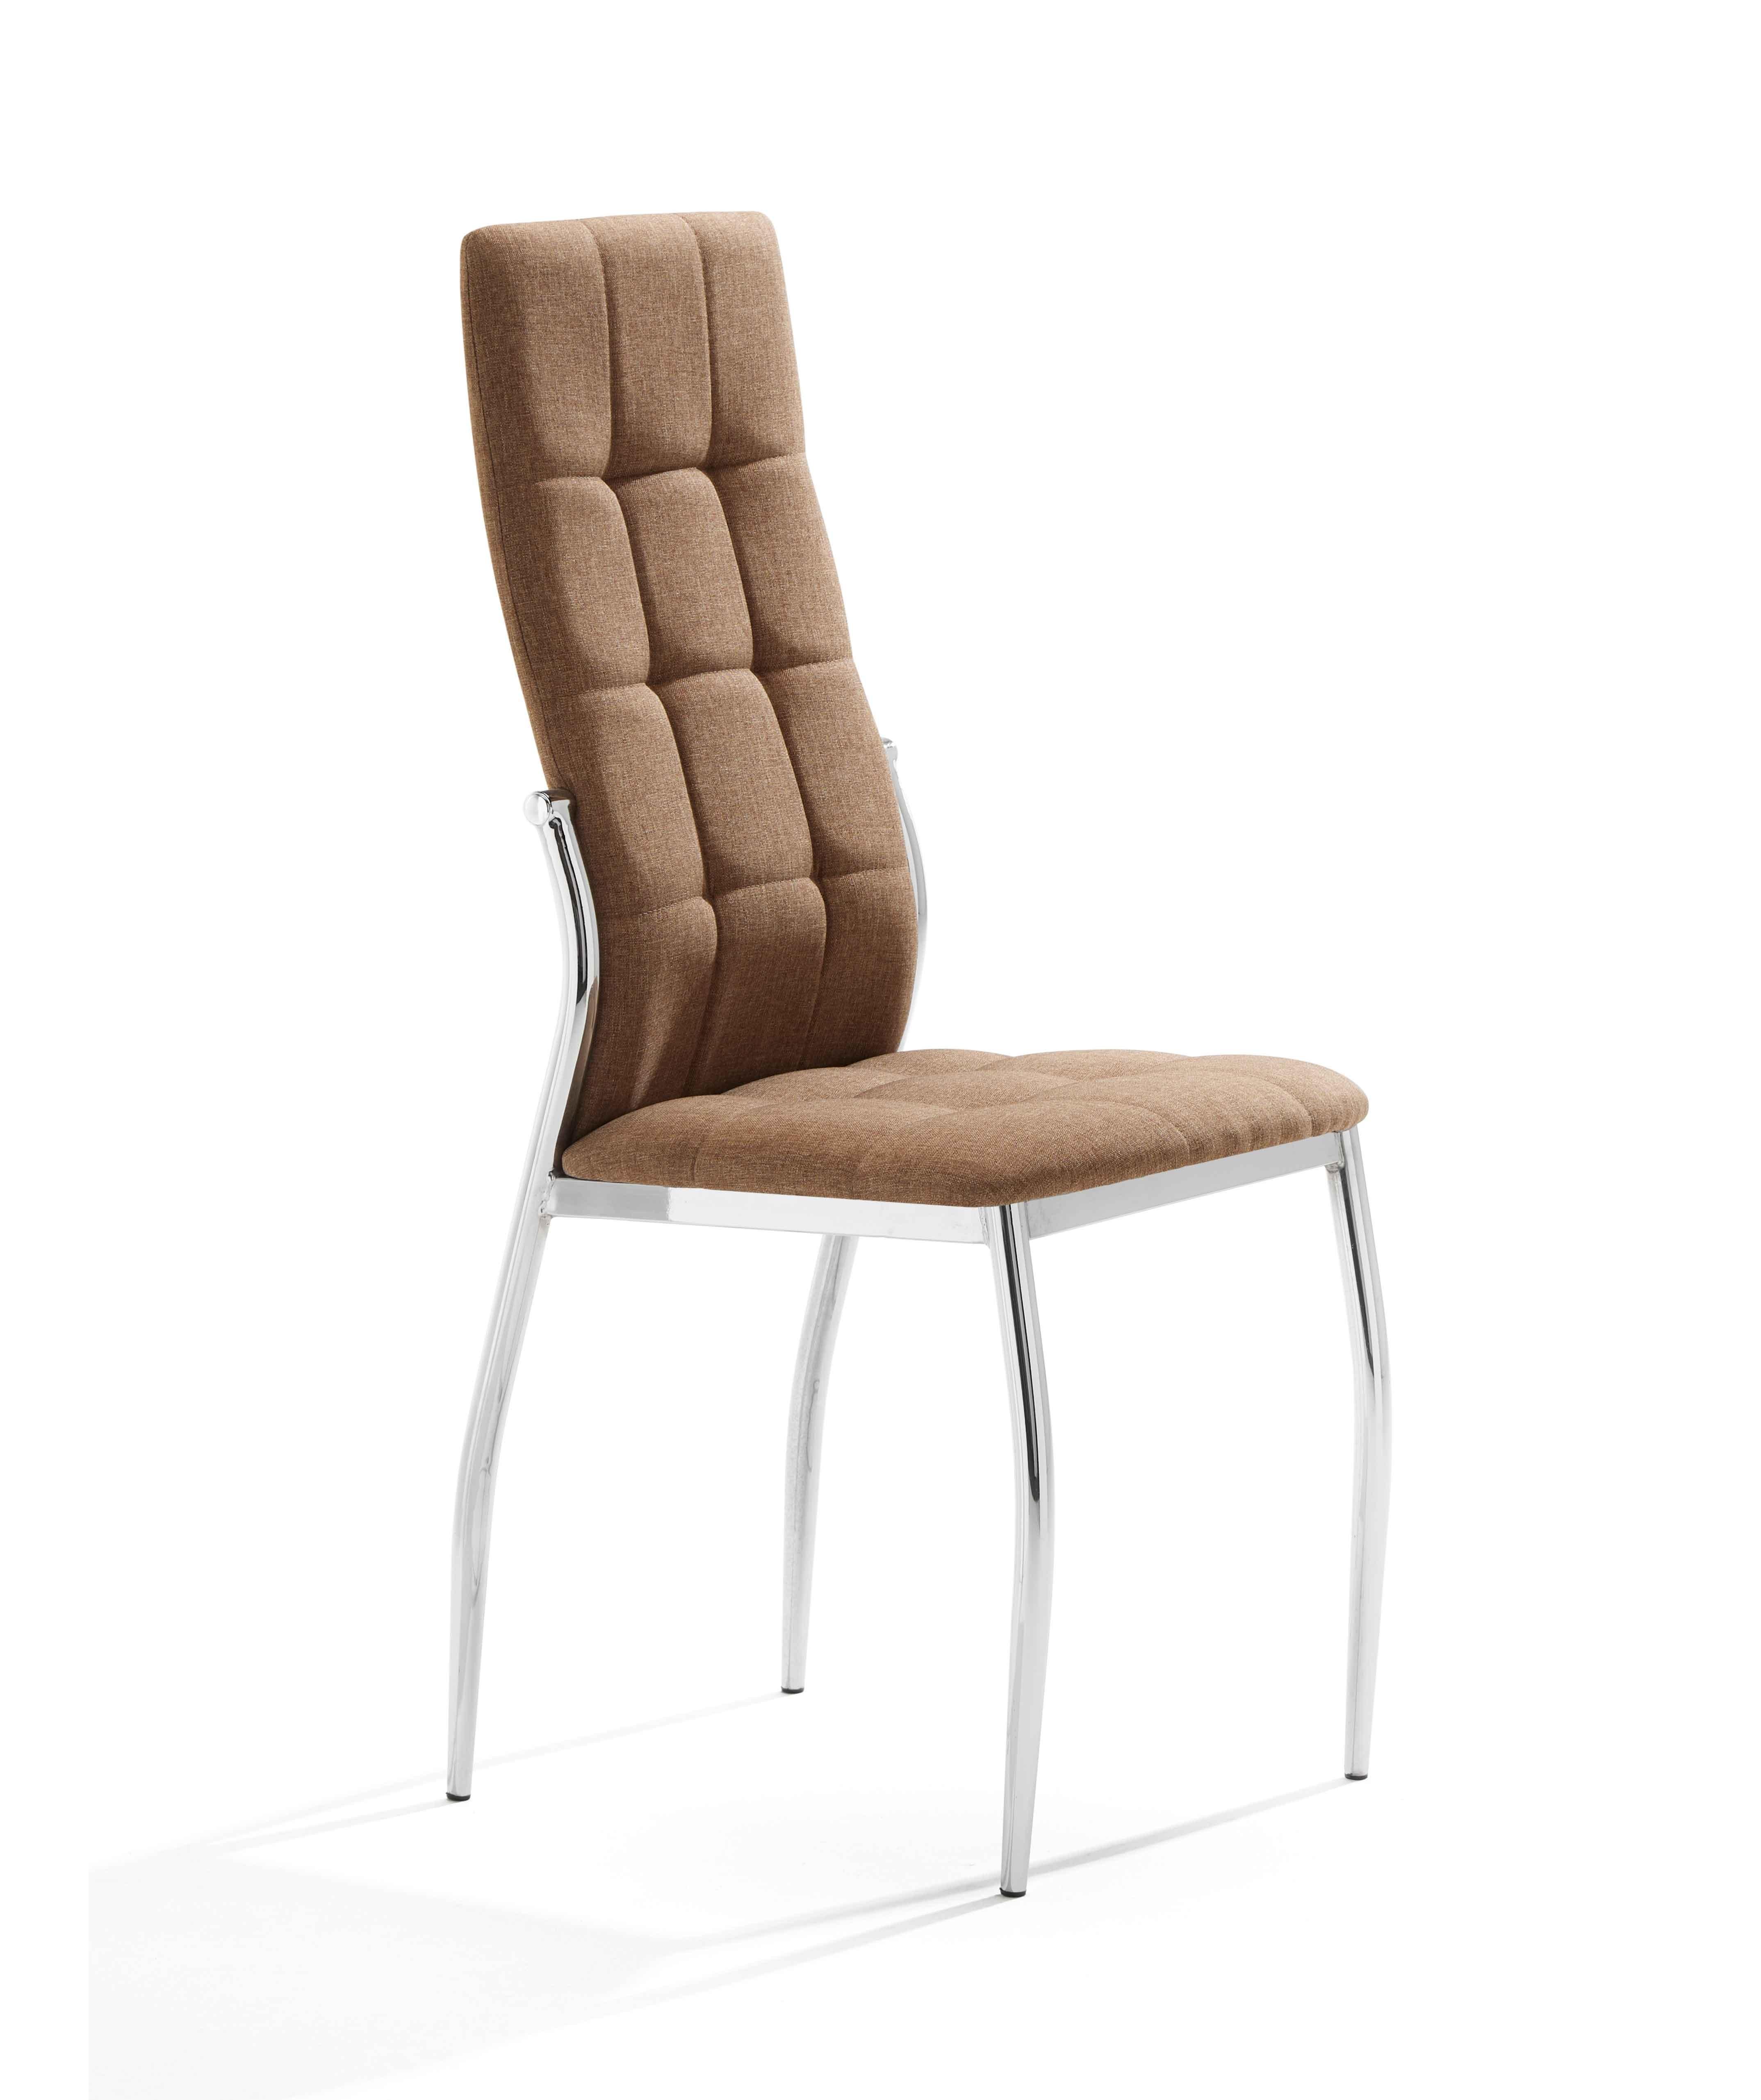 Pack 4 sillas en tela color marrón mod. Cami